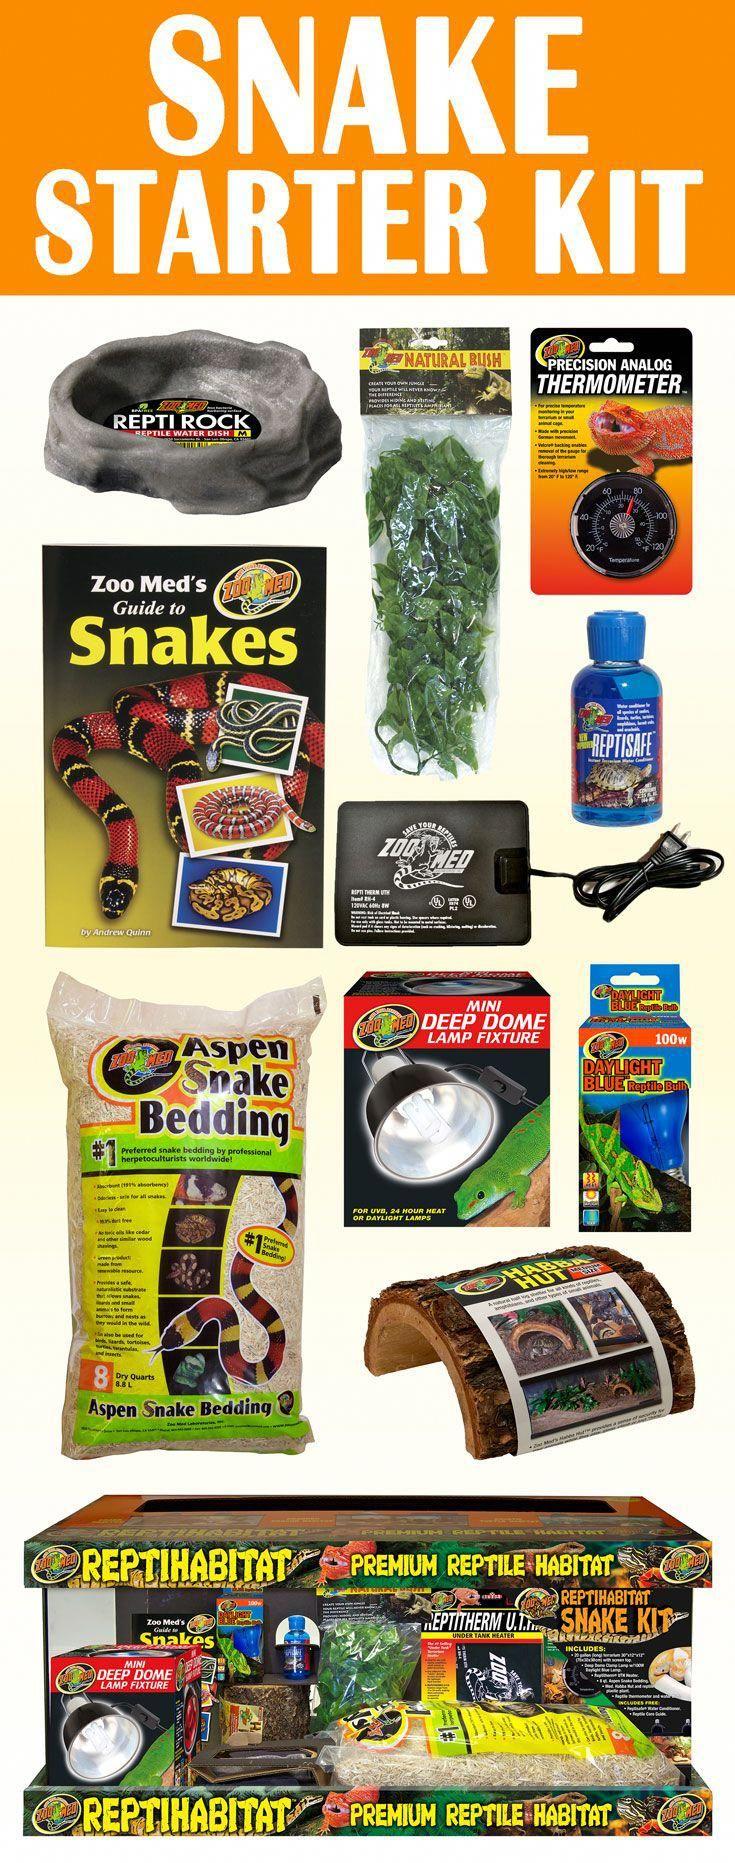 Snake Starter Kit. Includes 20 gallon tank, aspen snake